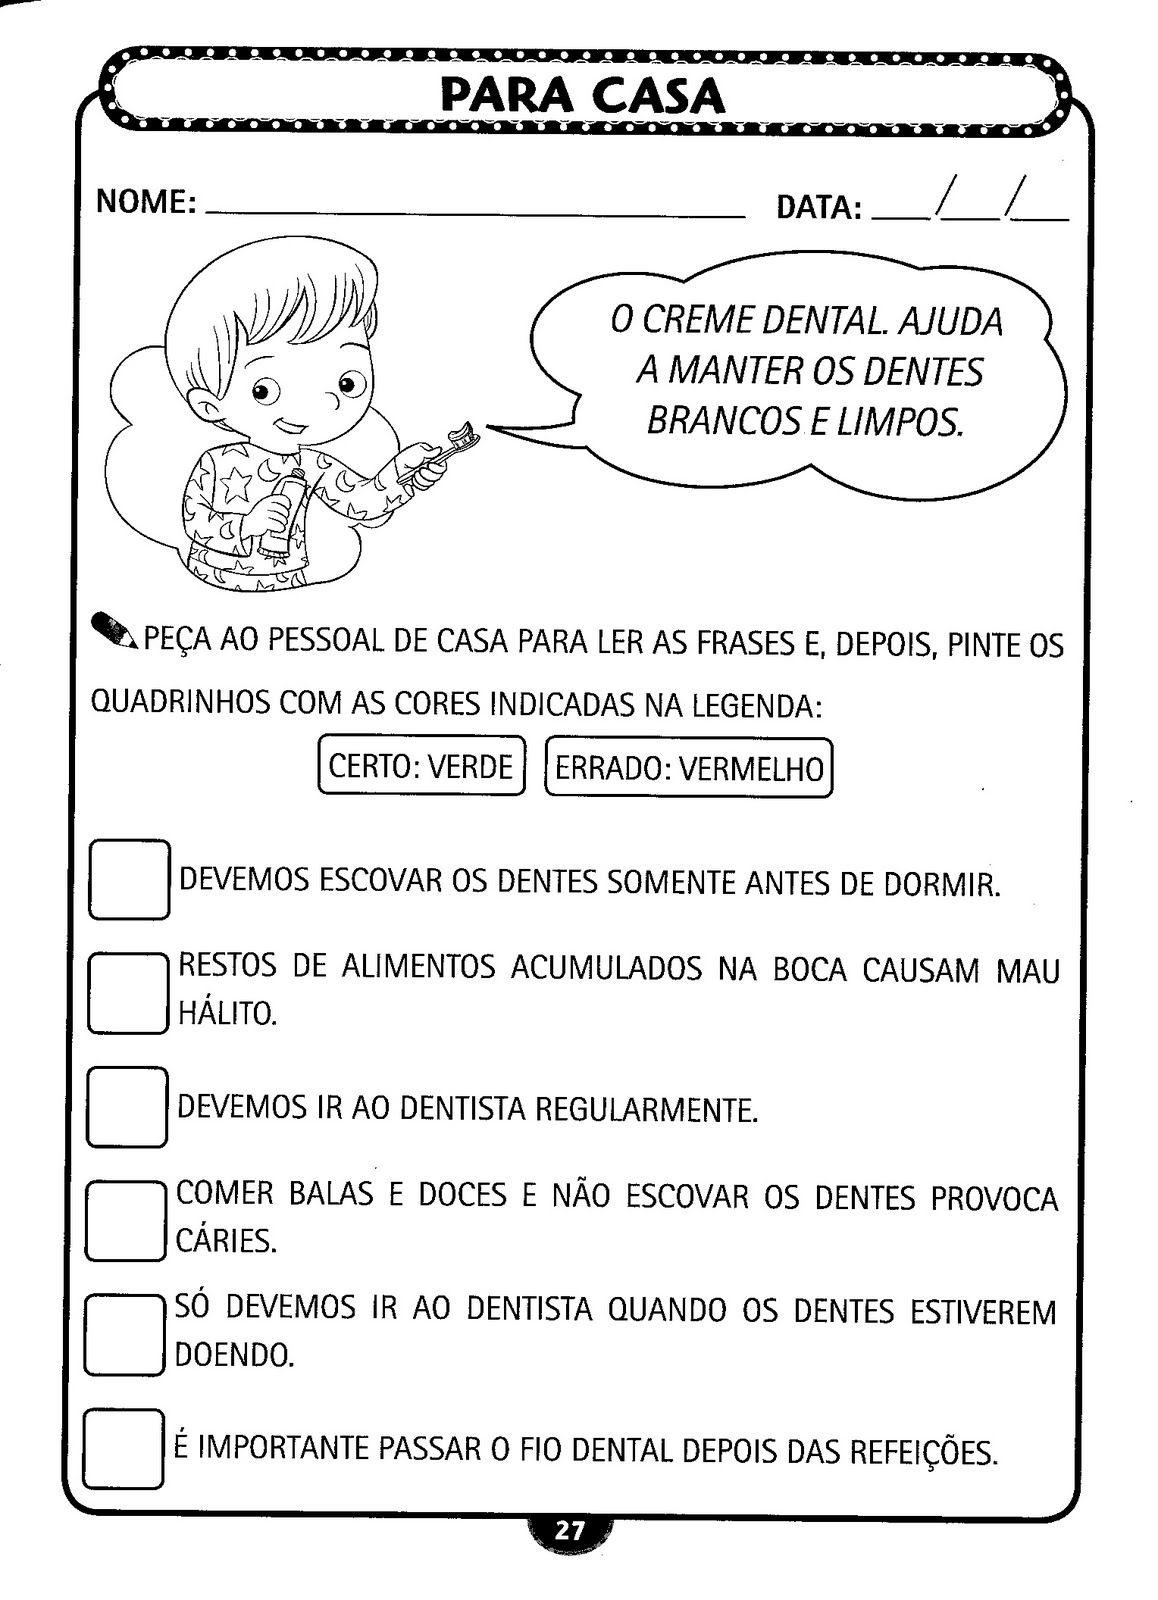 Top Plano de Aula: Higiene e Saúde (Higiene Bucal) | Armário do Professor VJ26